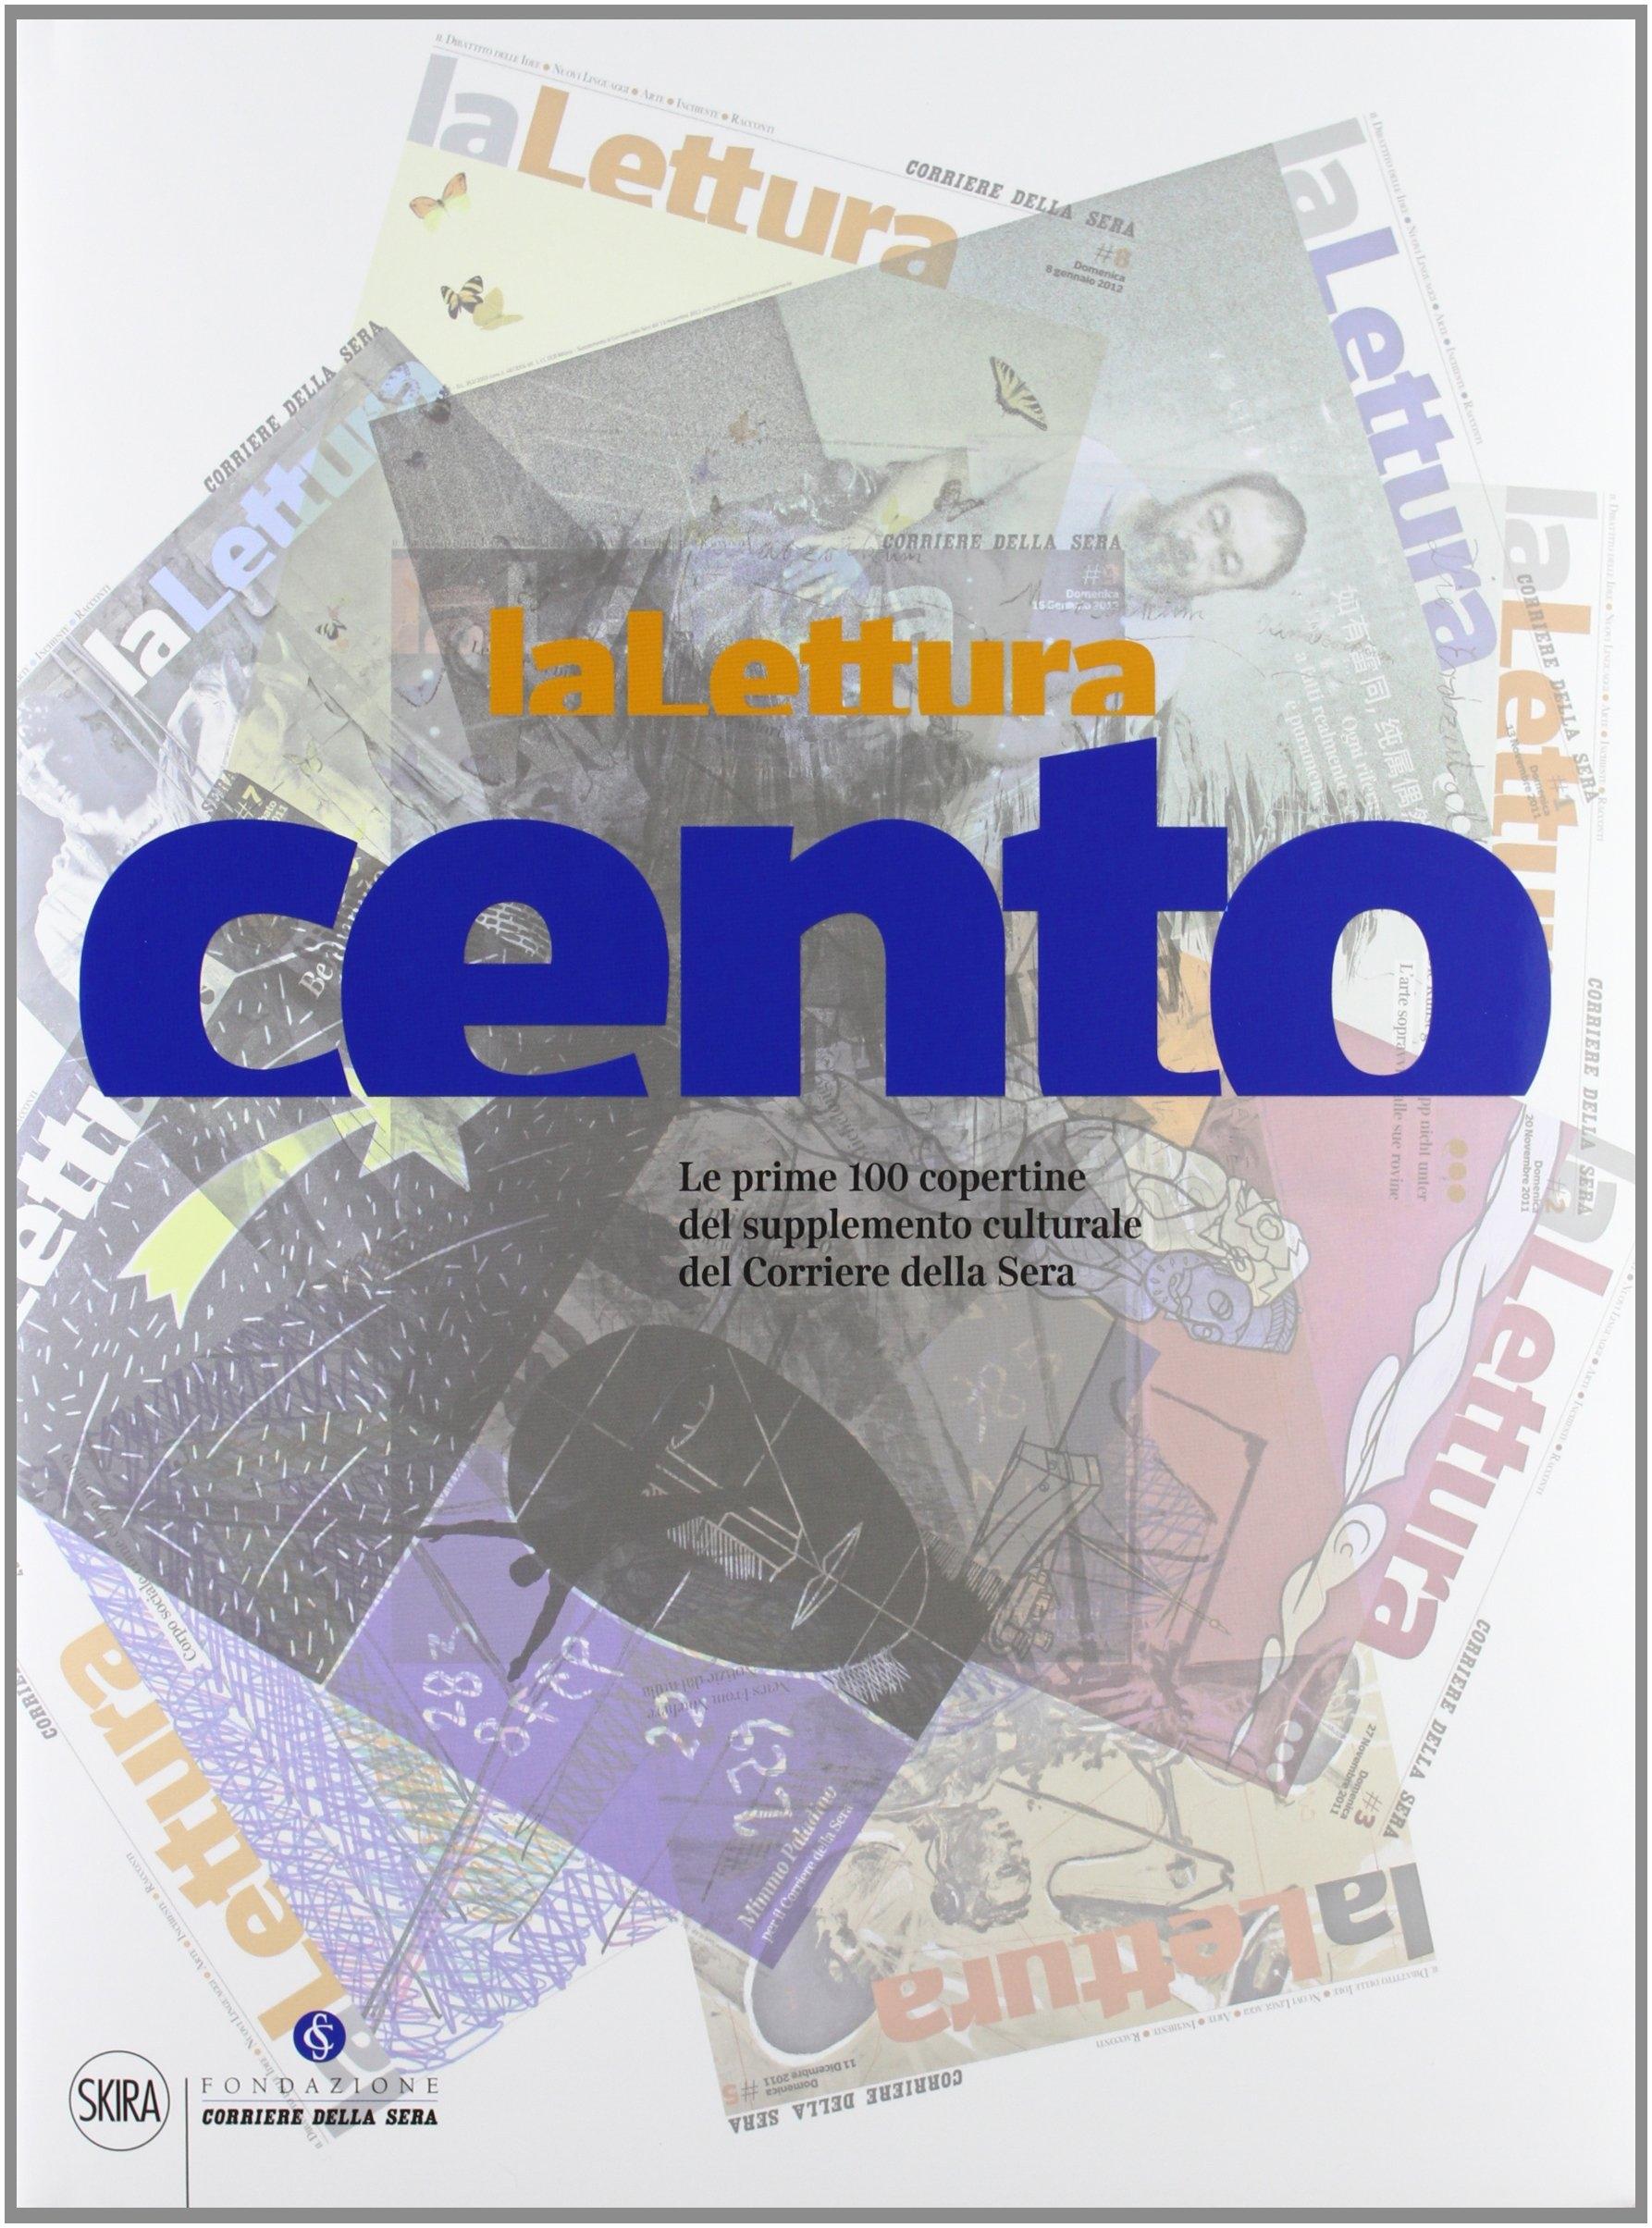 La Lettura Cento. Le prime 100 copertine del supplemento Culturale del Corriere della Sera.